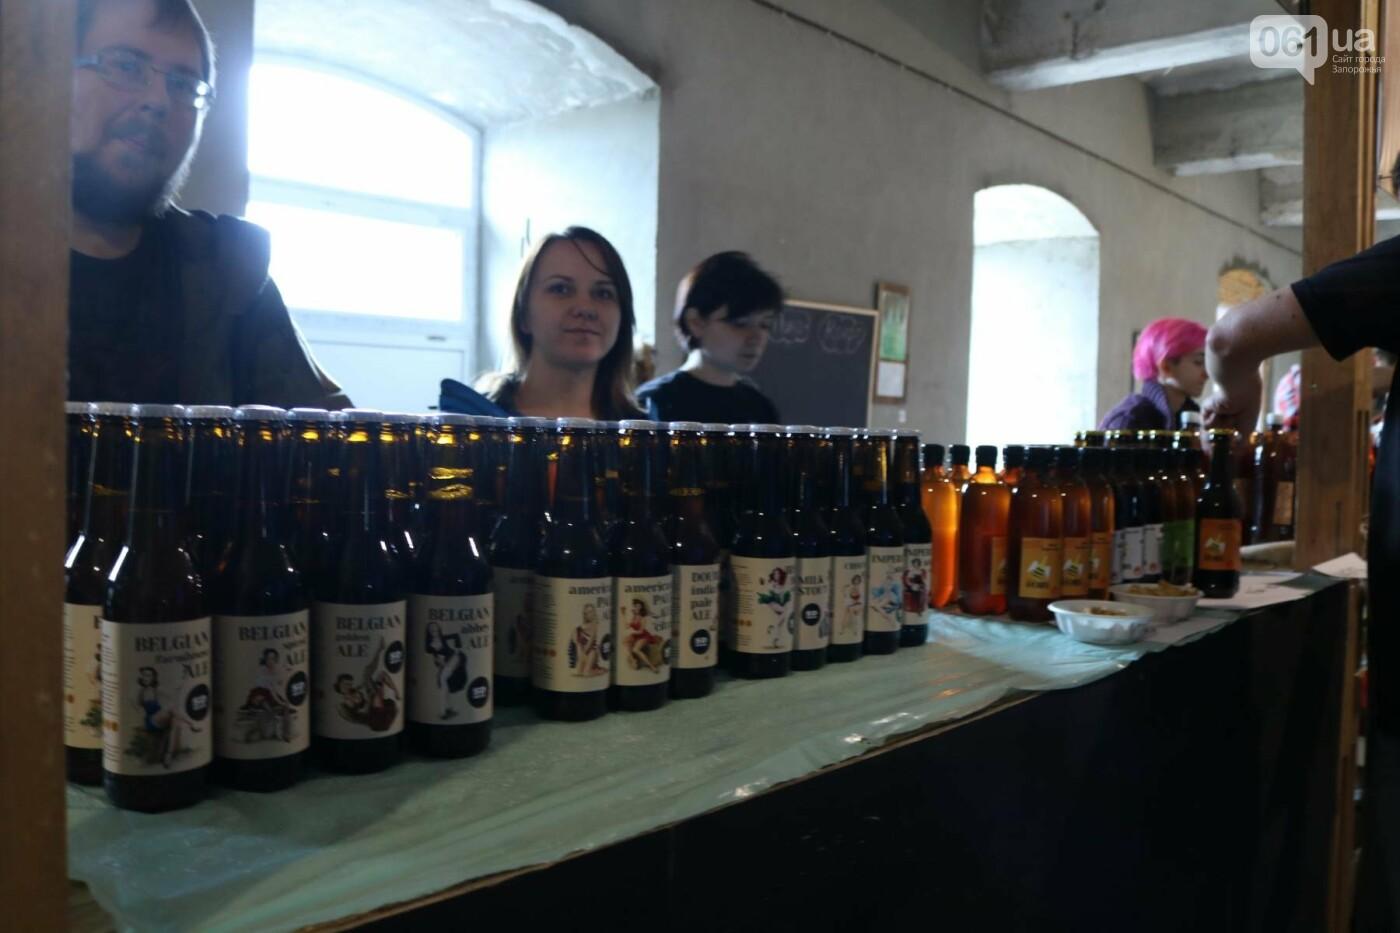 Как в Запорожье проходит фестиваль крафтового пива, - ФОТОРЕПОРТАЖ , фото-5